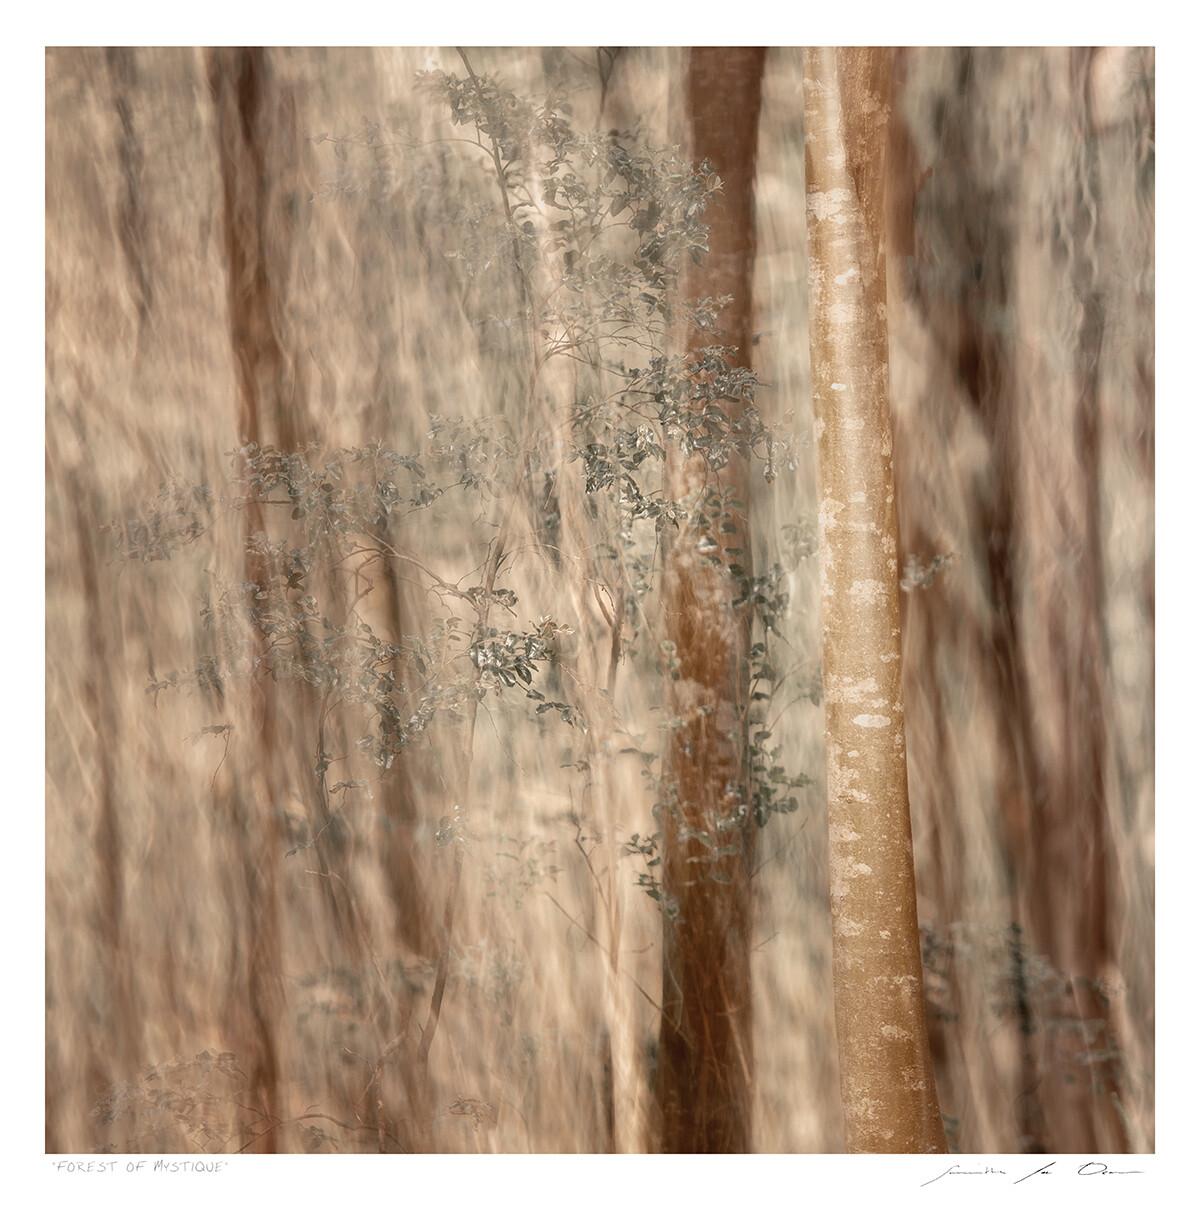 Forest of Mystique | Samantha Lee Osner